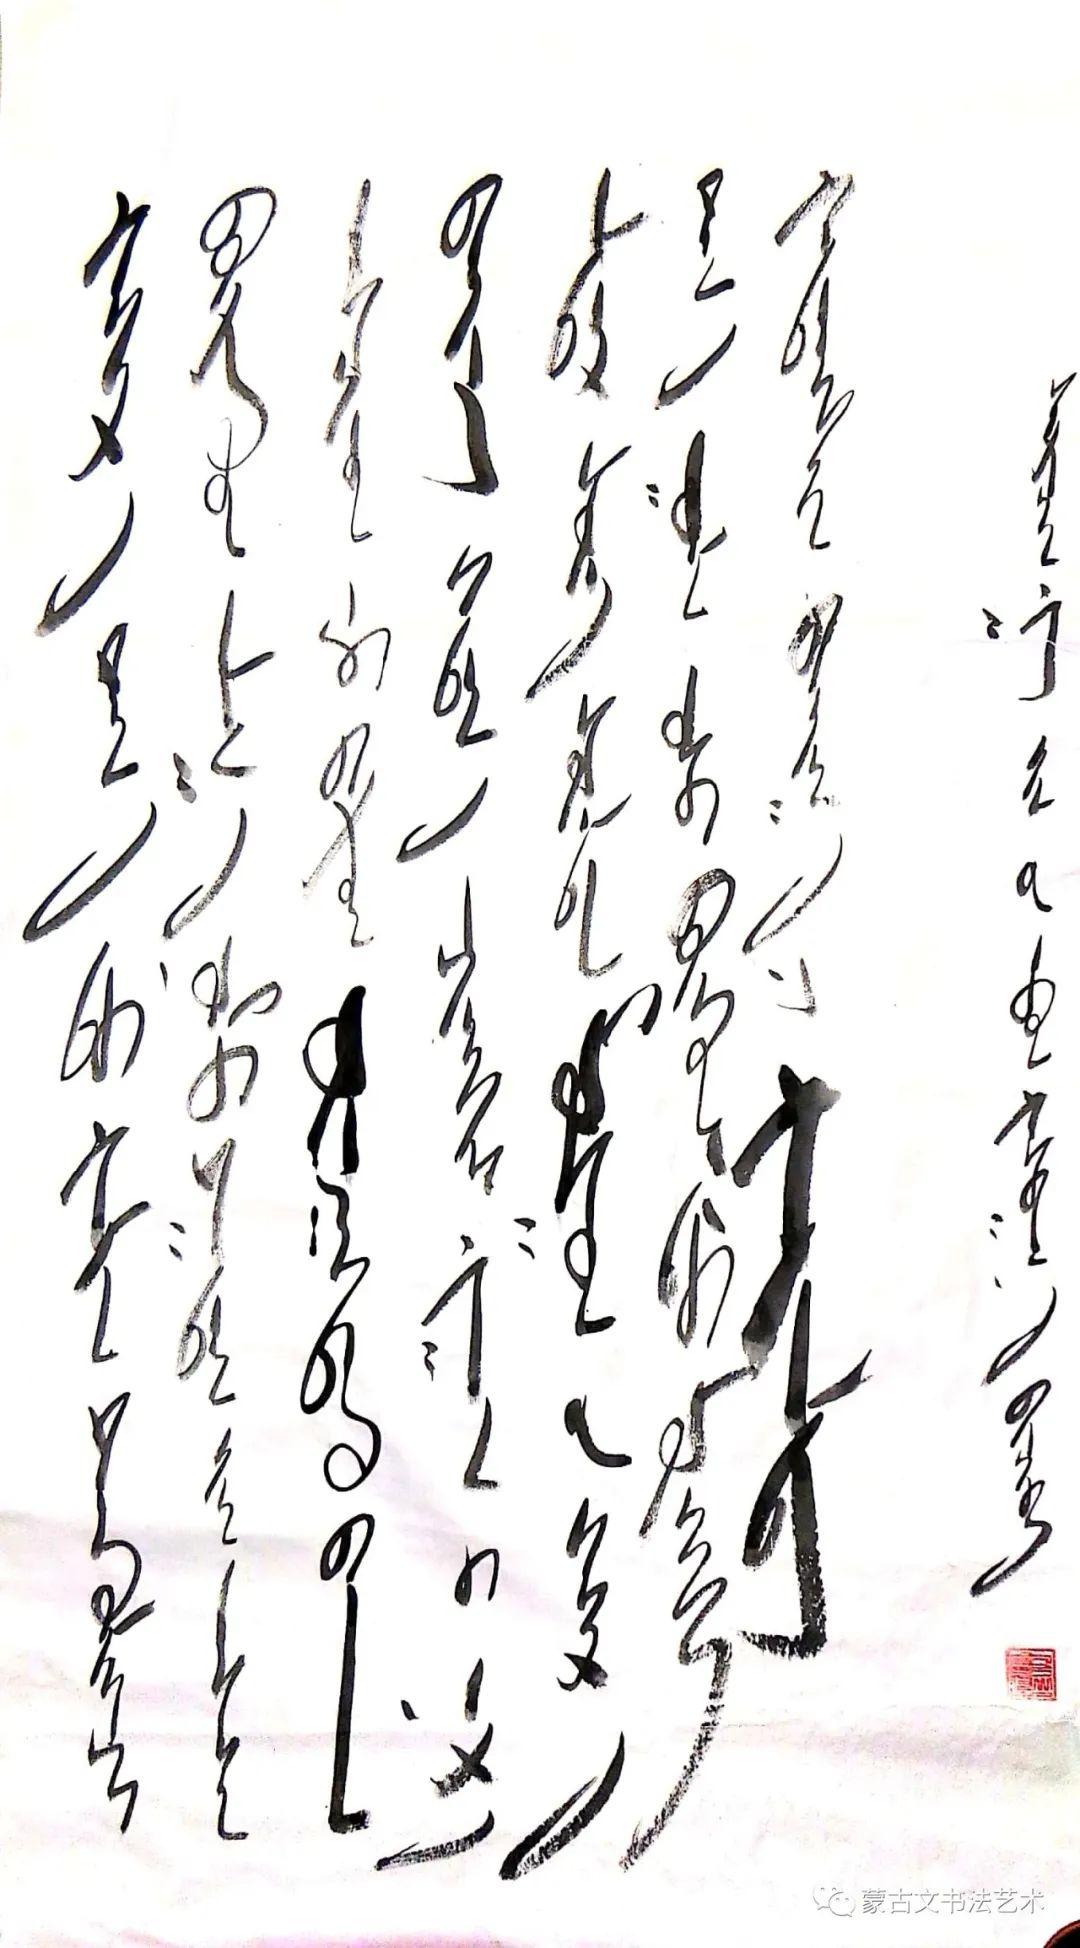 哈斯巴根蒙古文书法 第12张